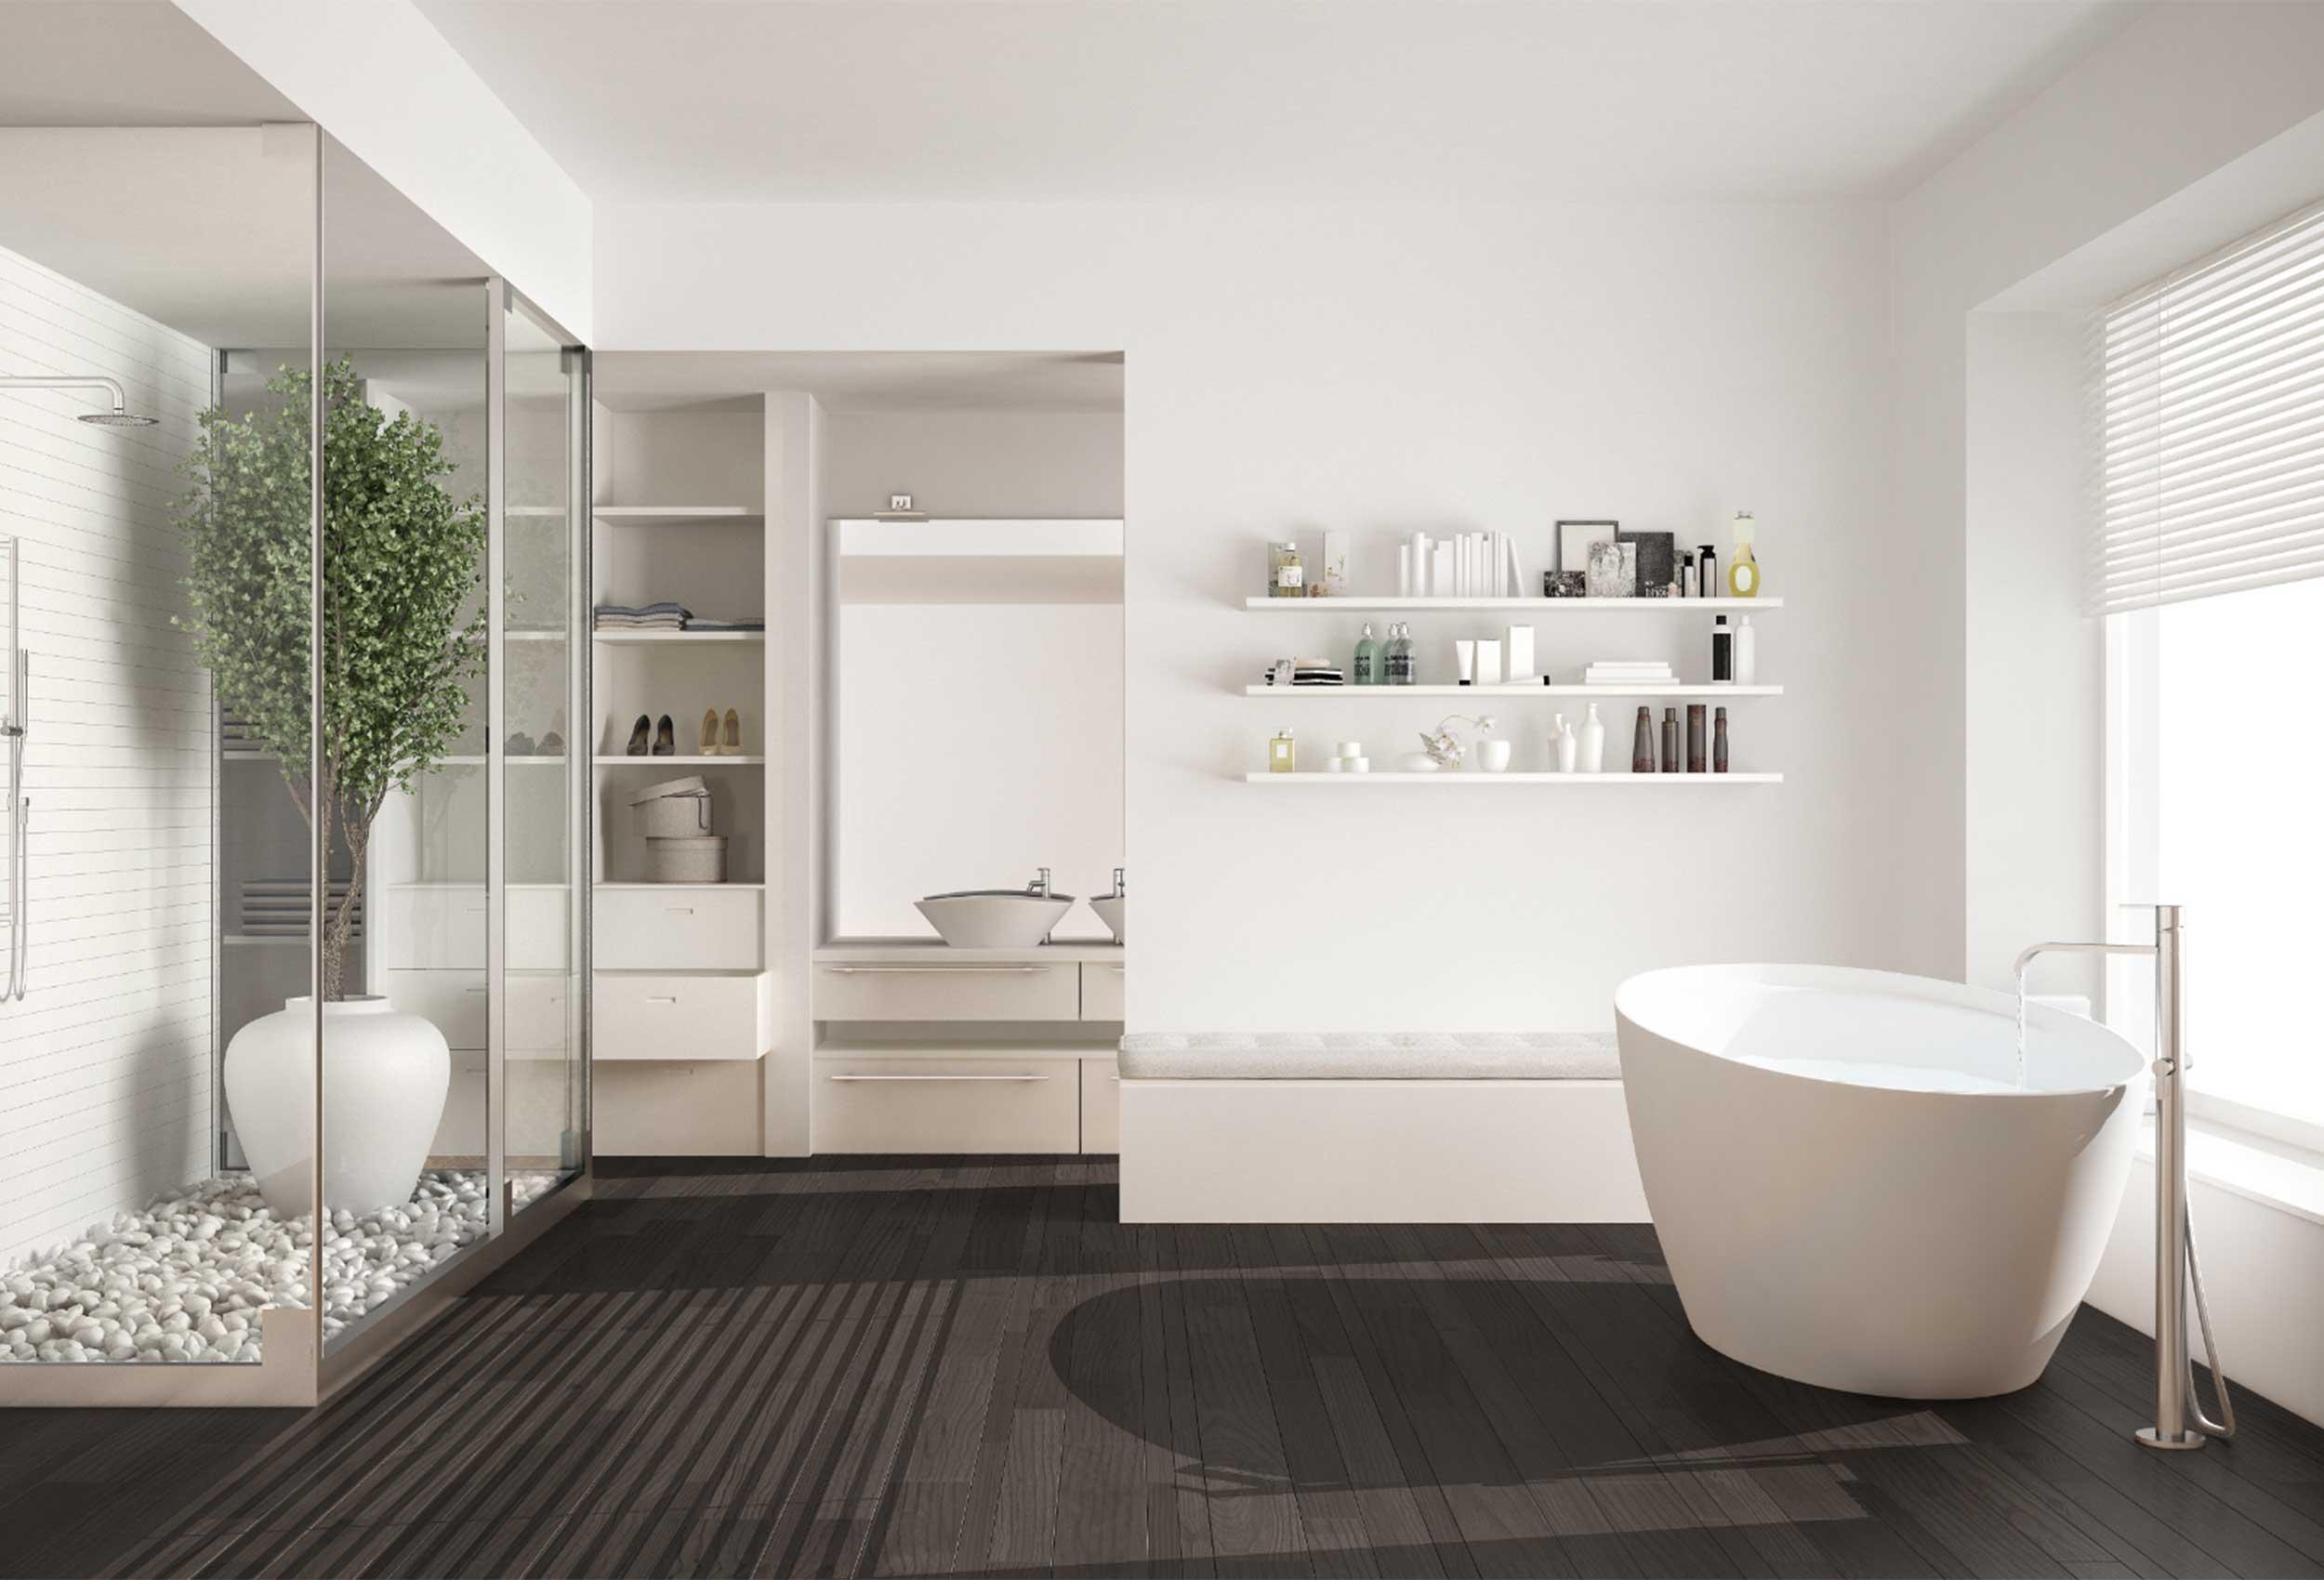 vasca o bagno 1 ambiente